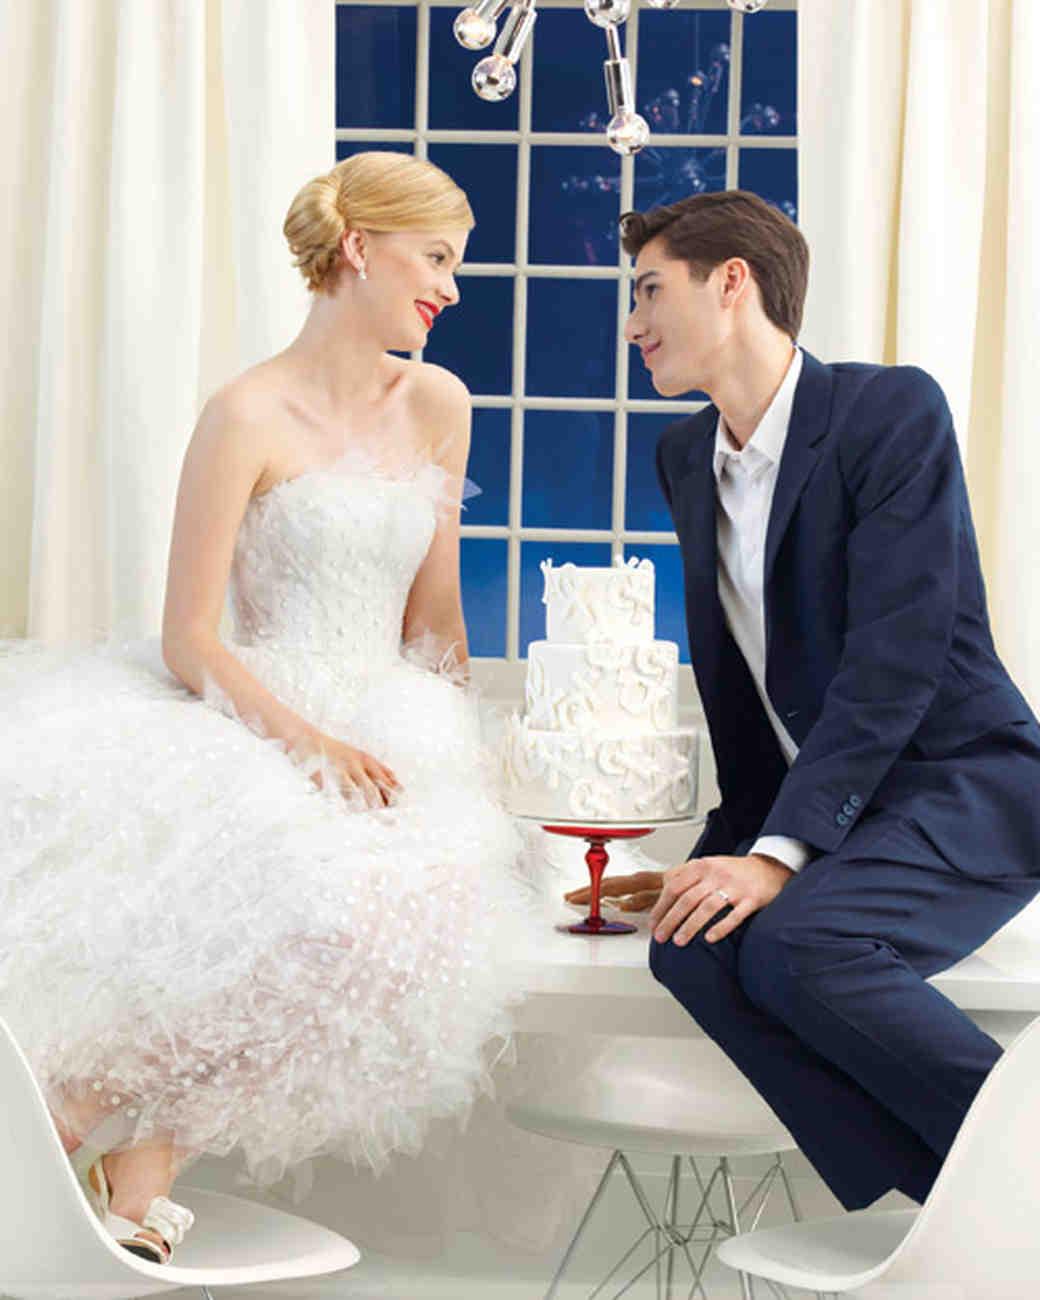 XOXO Wedding Cake Assembly